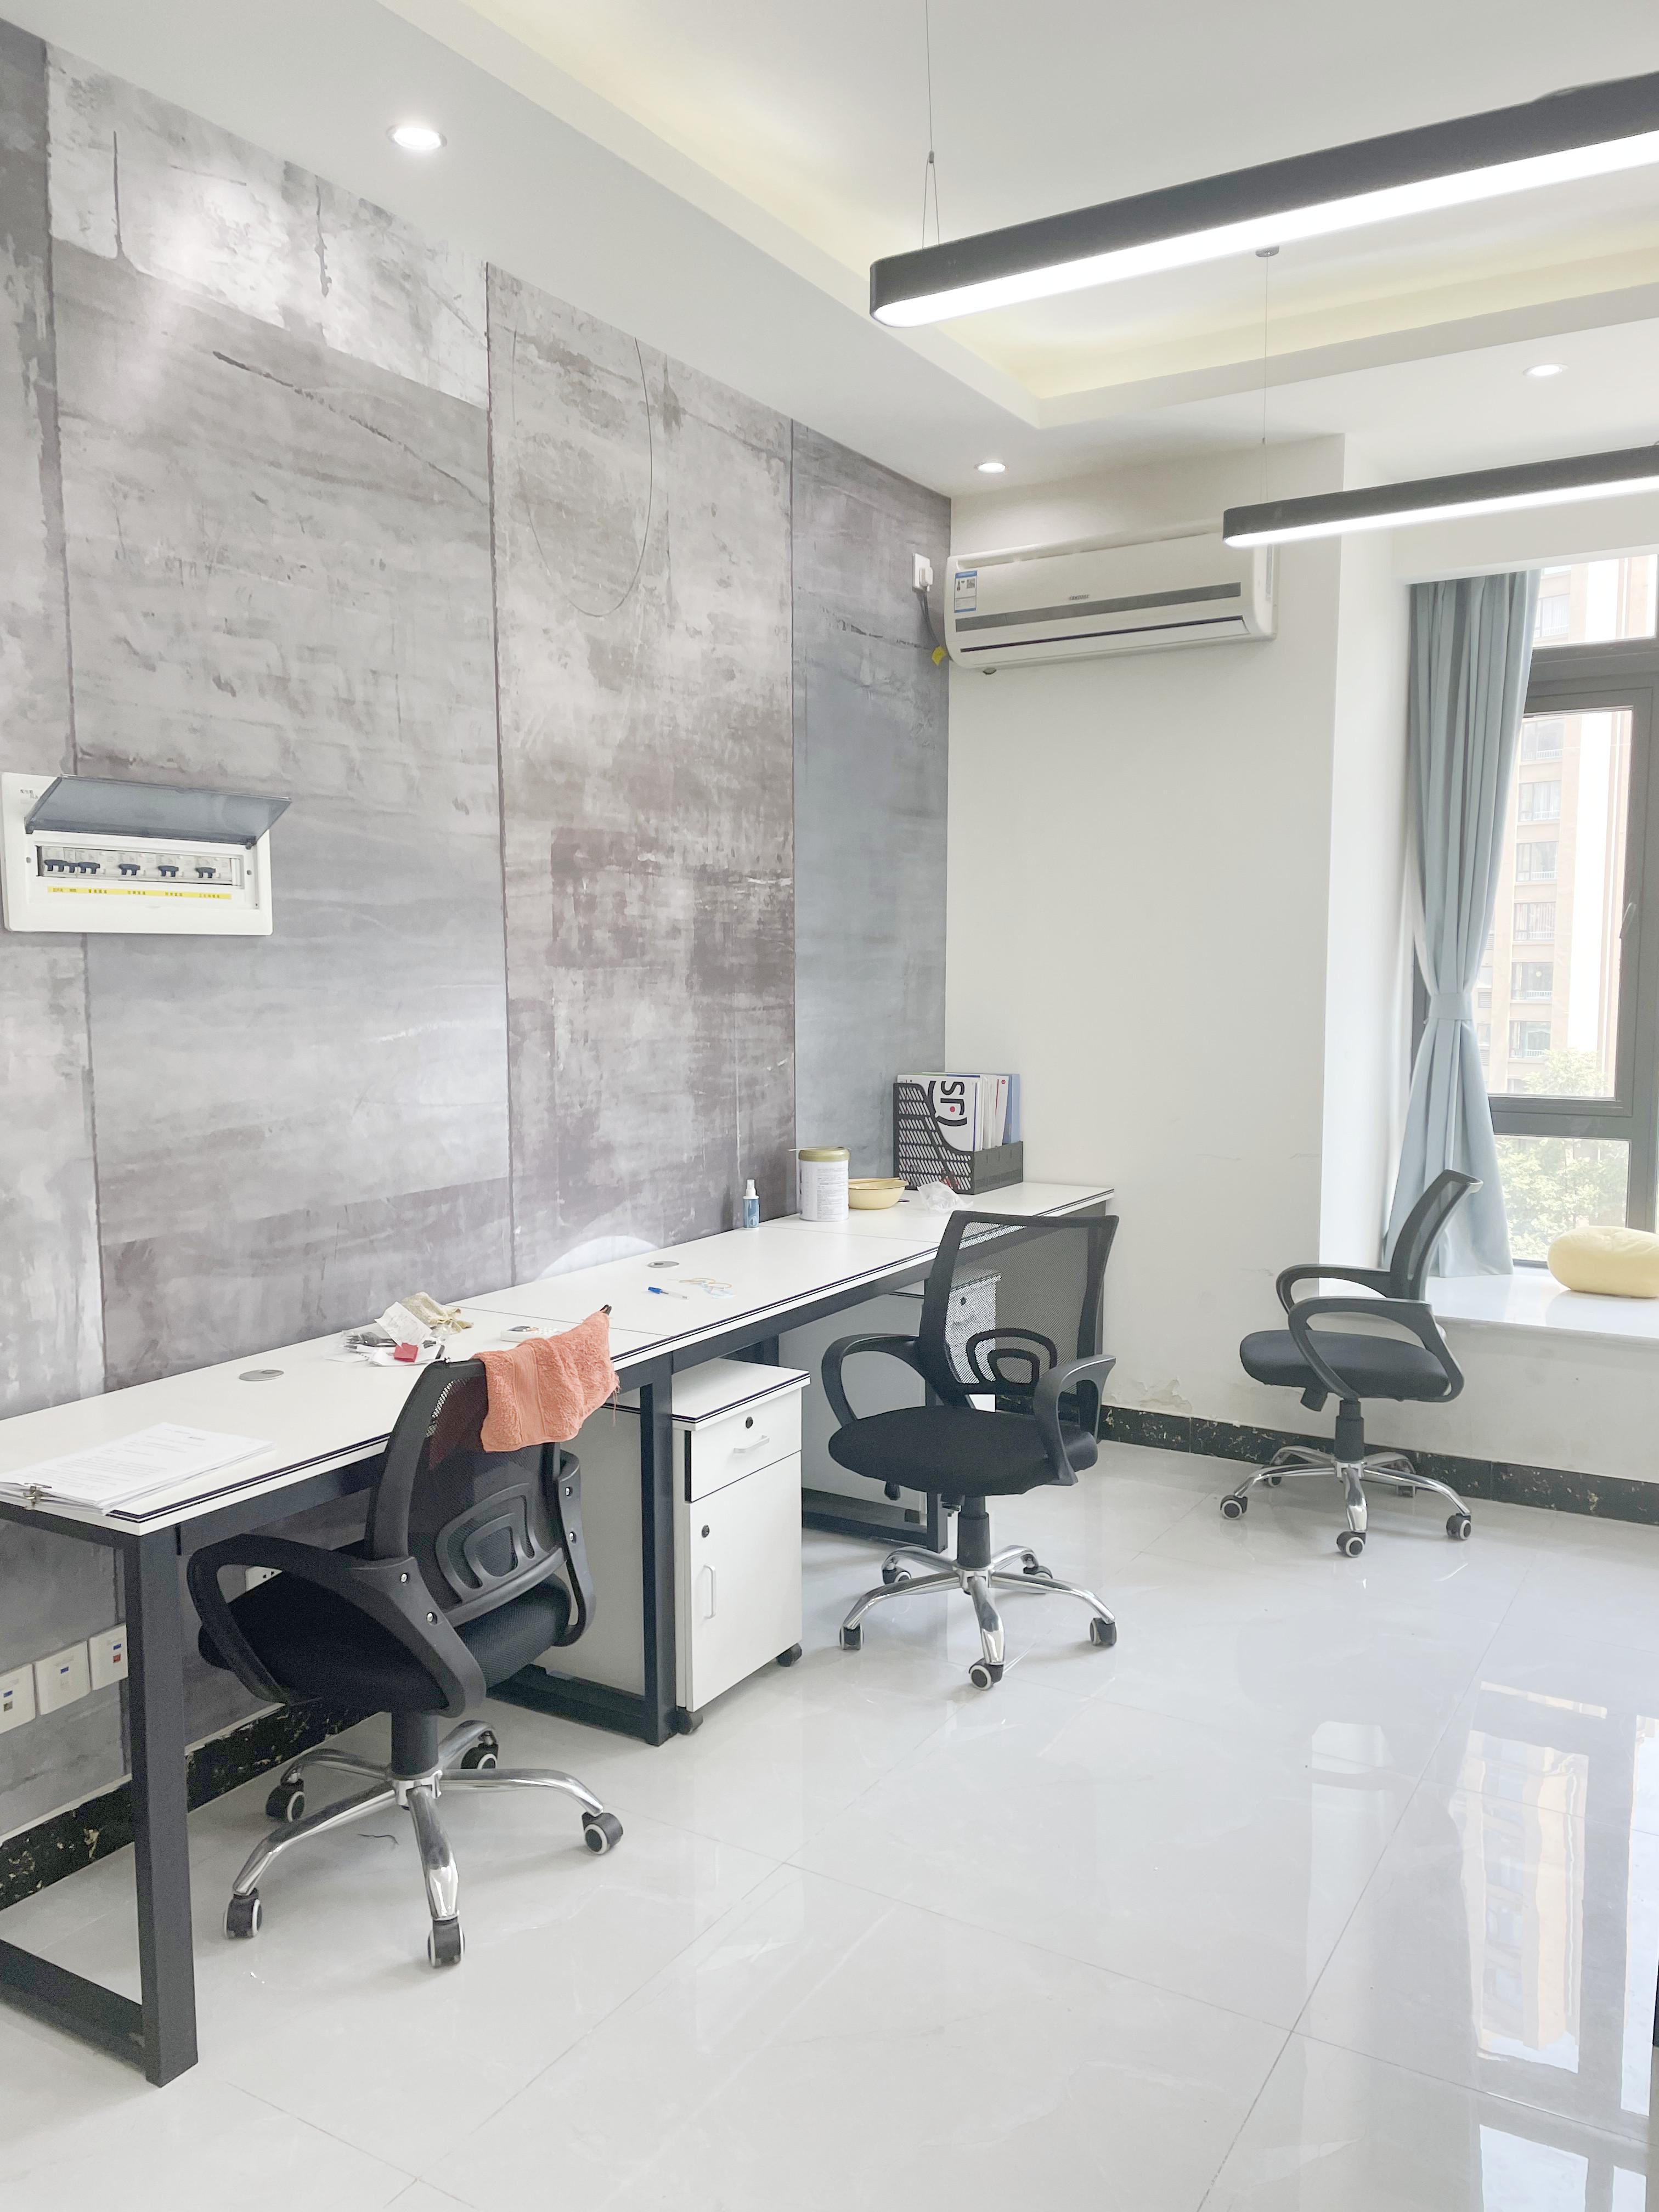 金桉路丨百悦国际36平米MiNi办公空间 4工位